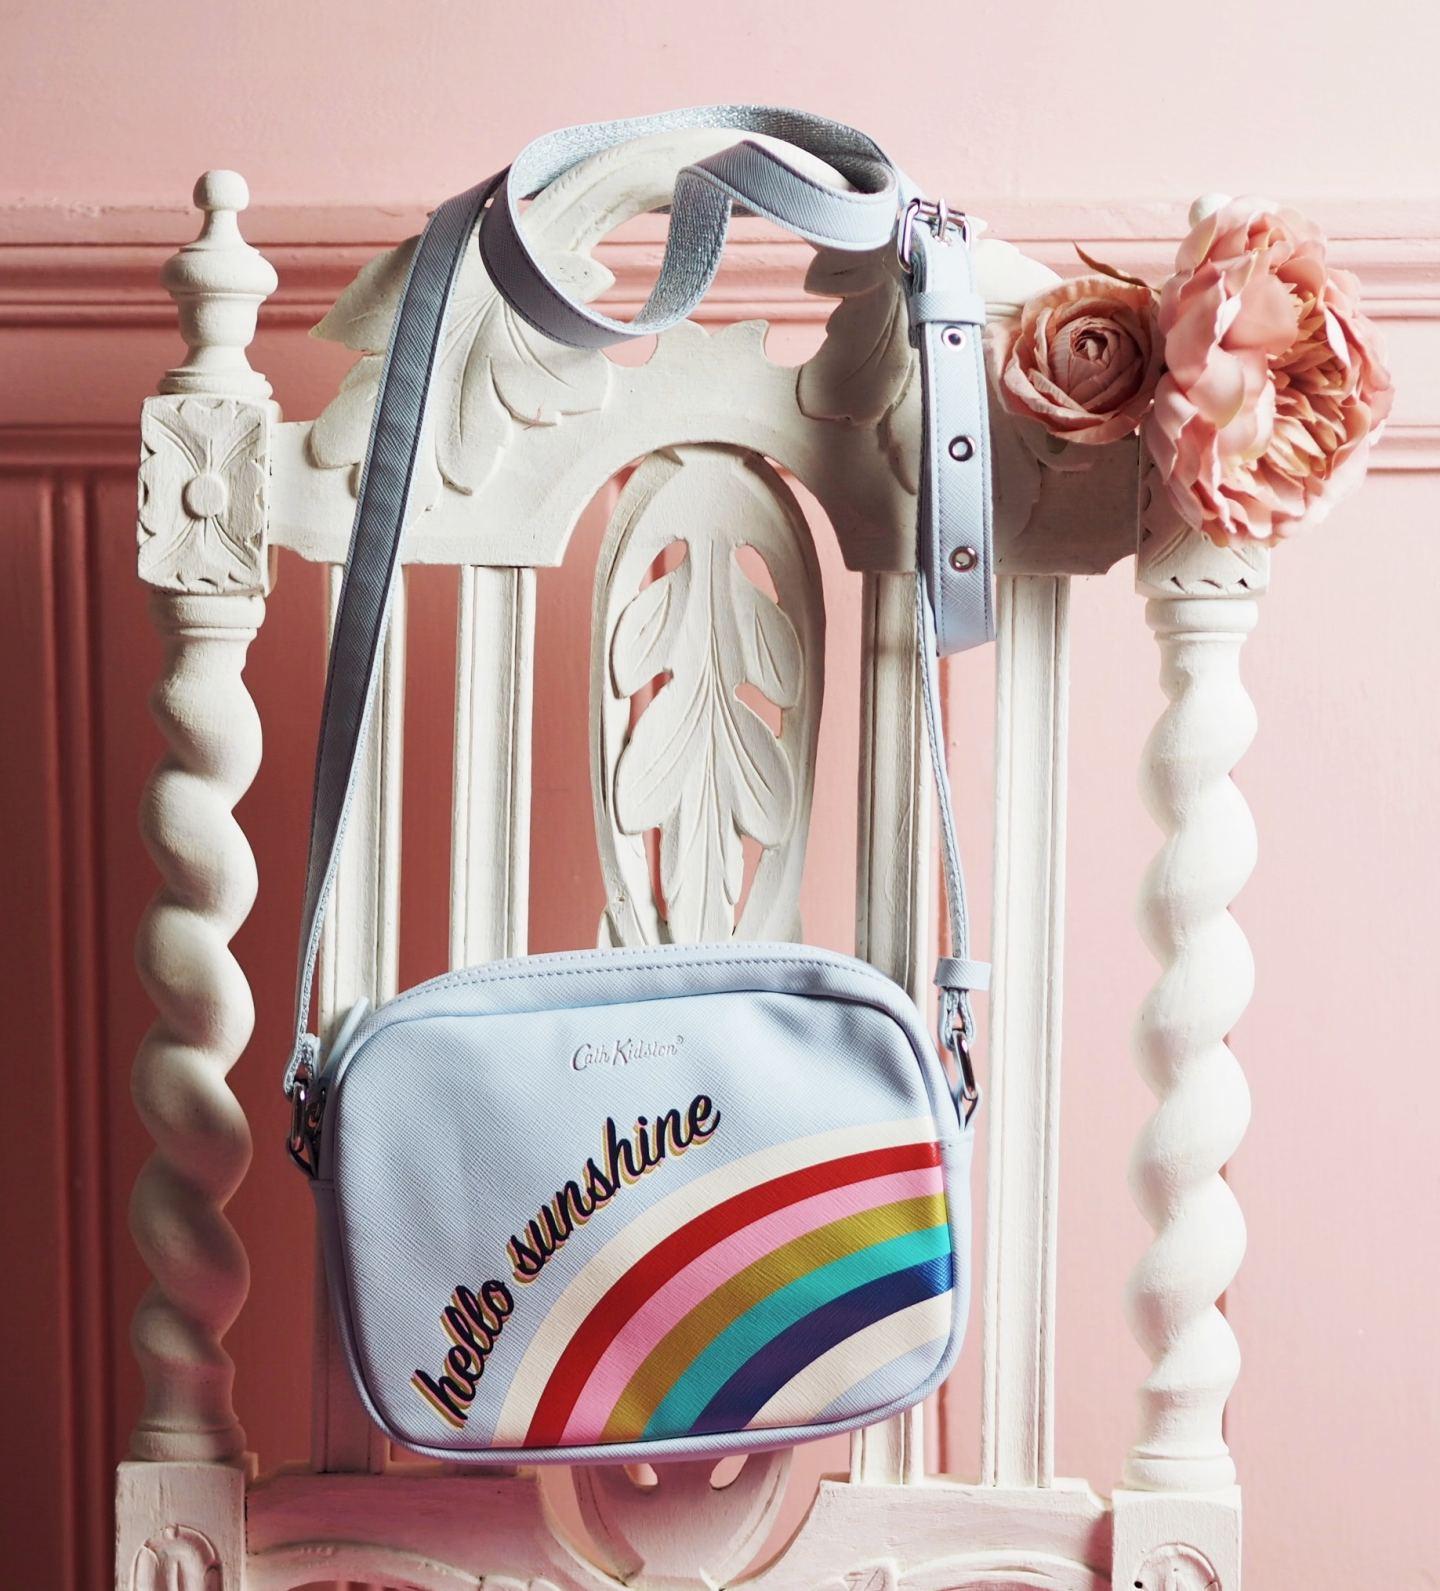 cath kidston sunshine handbag